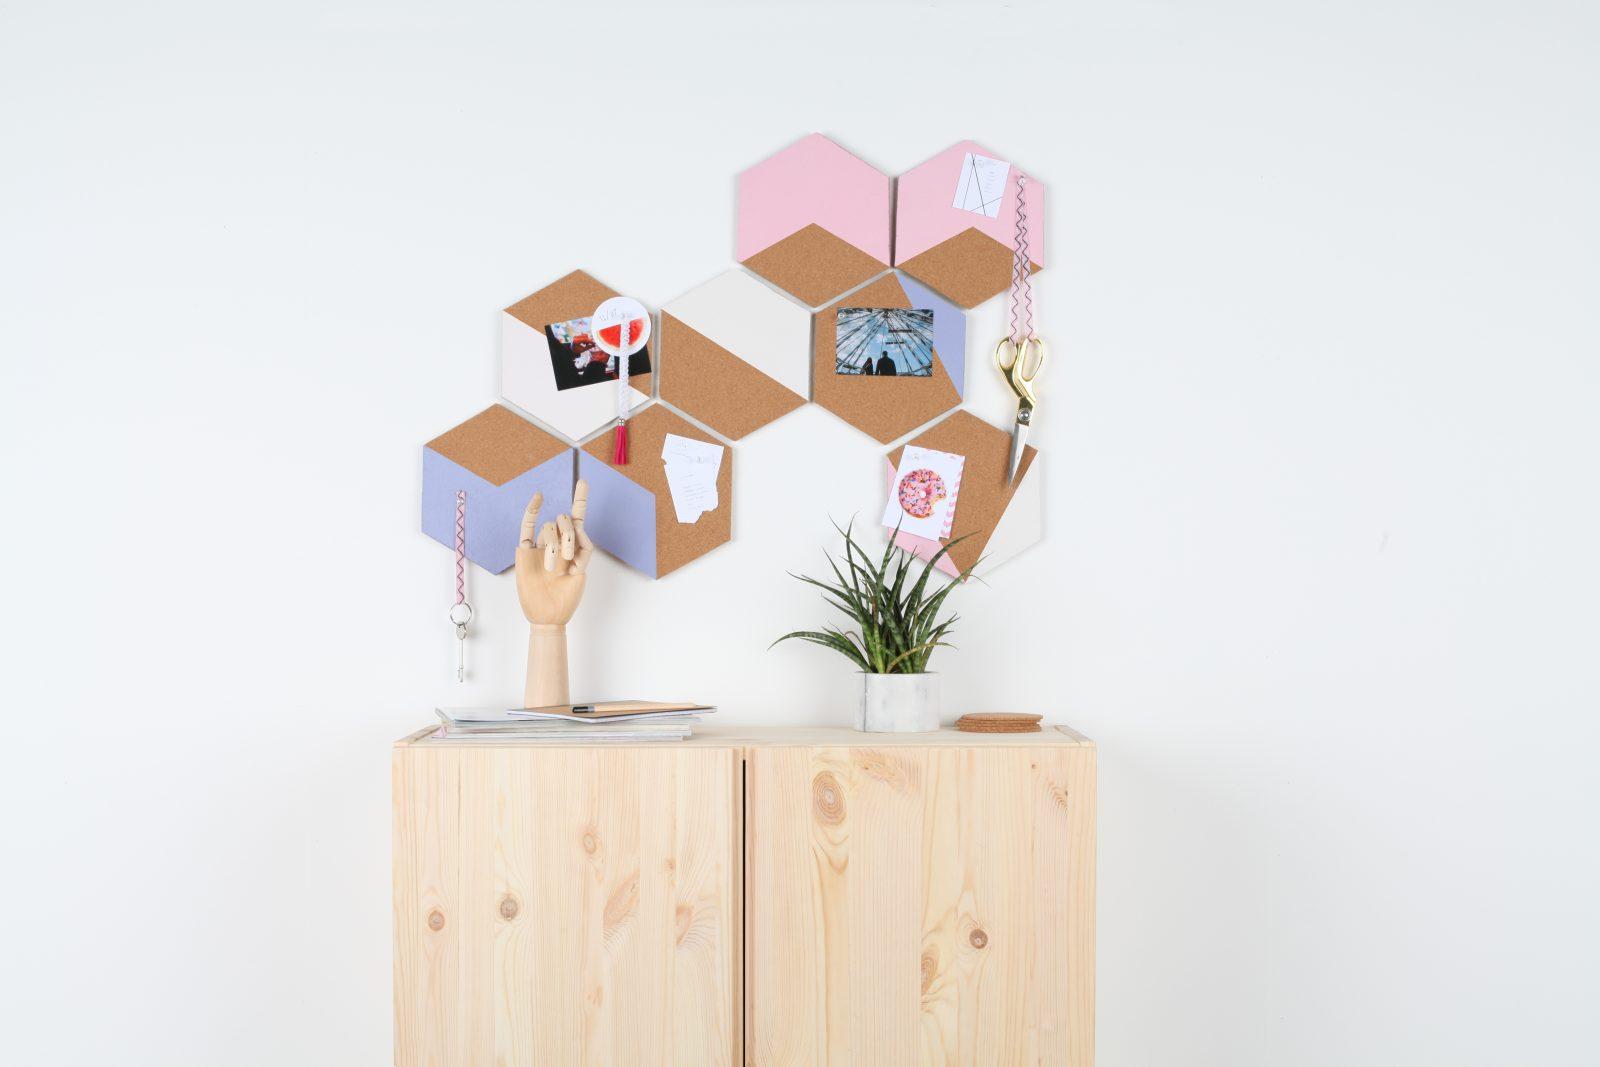 DIY Colourful Hexagon Cork Boards